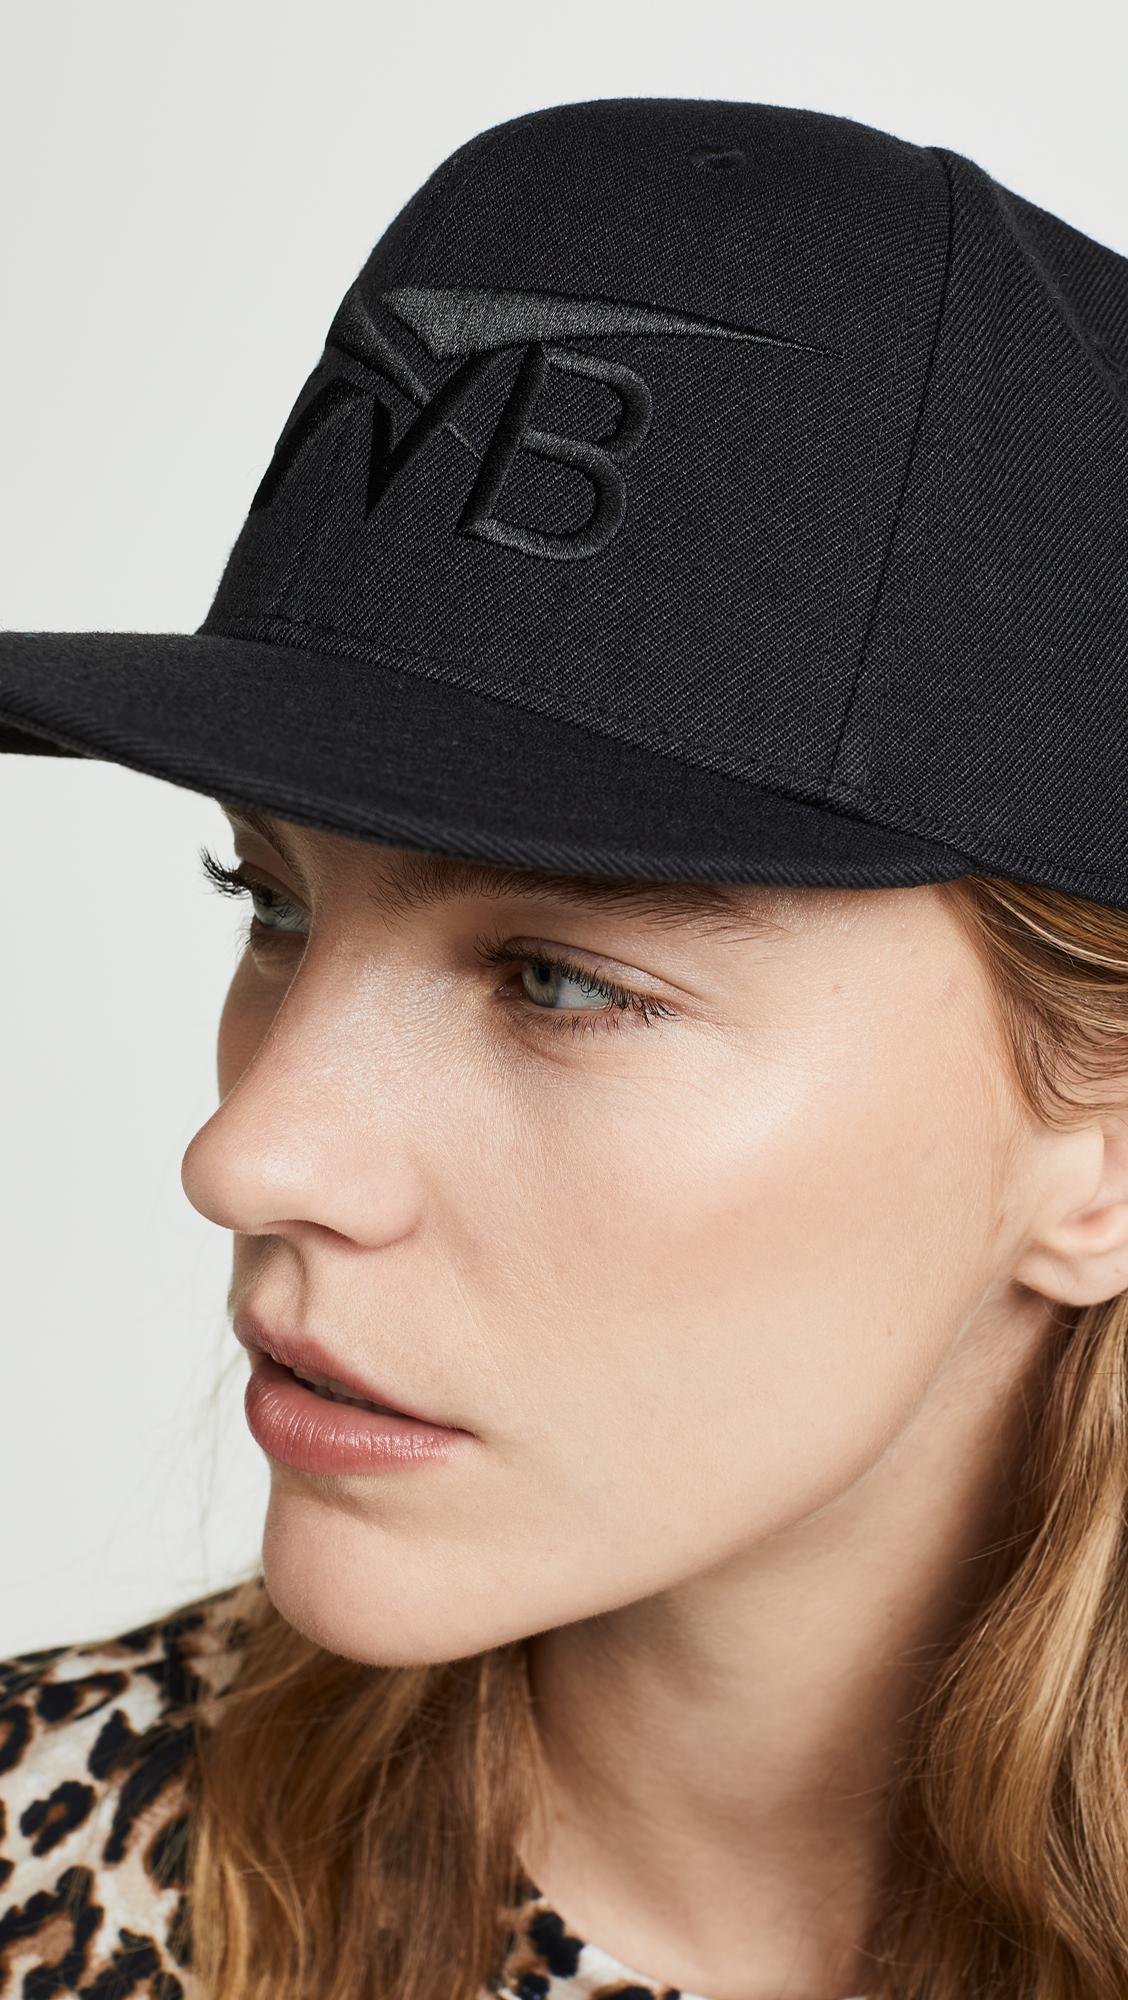 eaf85d4e Reebok x Victoria Beckham RBK x VB Hat | SHOPBOP